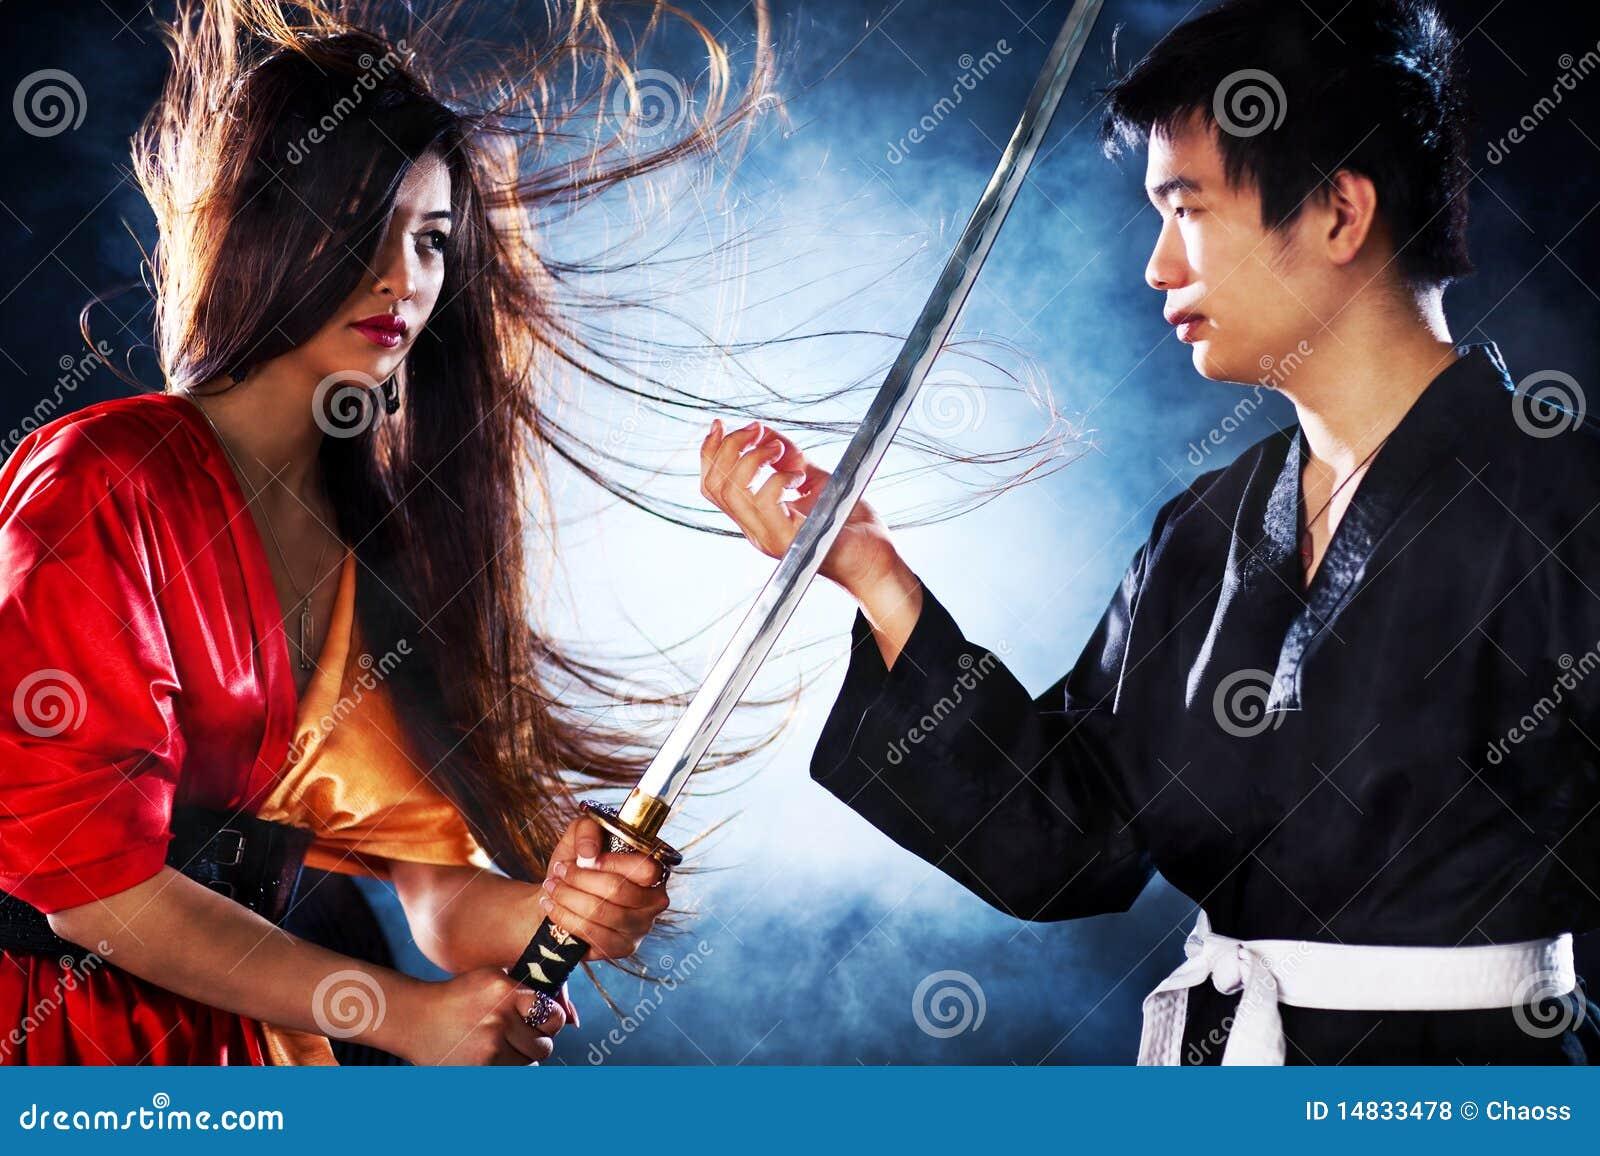 couple fighting movie scene